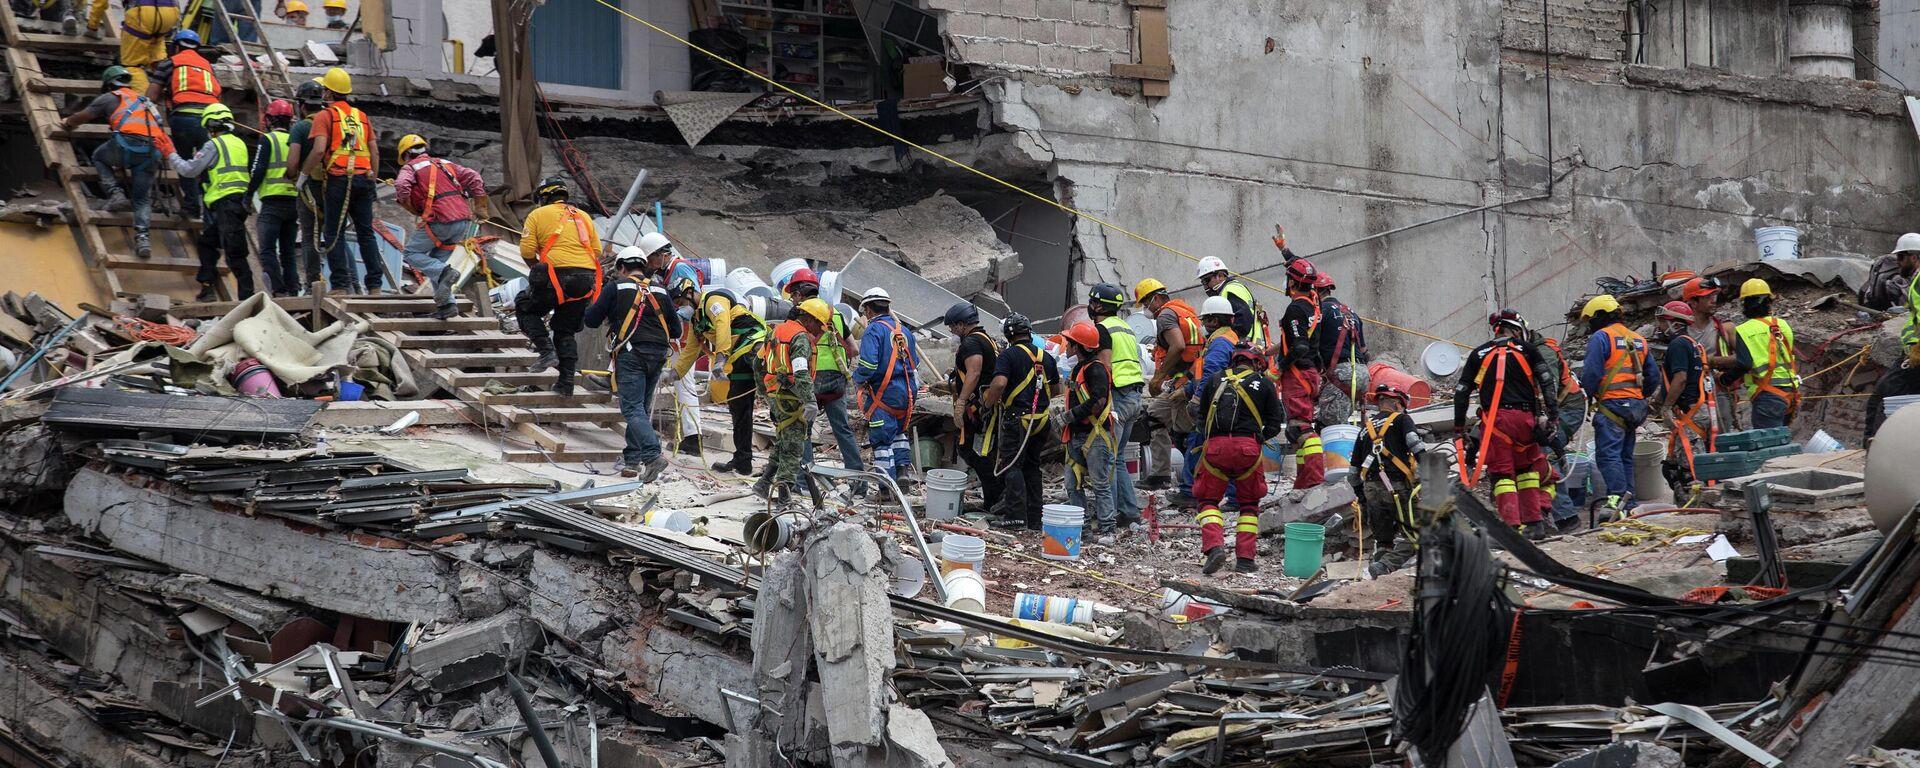 Terremoto del 19 de septiembre de 2017 en México - Sputnik Mundo, 1920, 22.09.2021